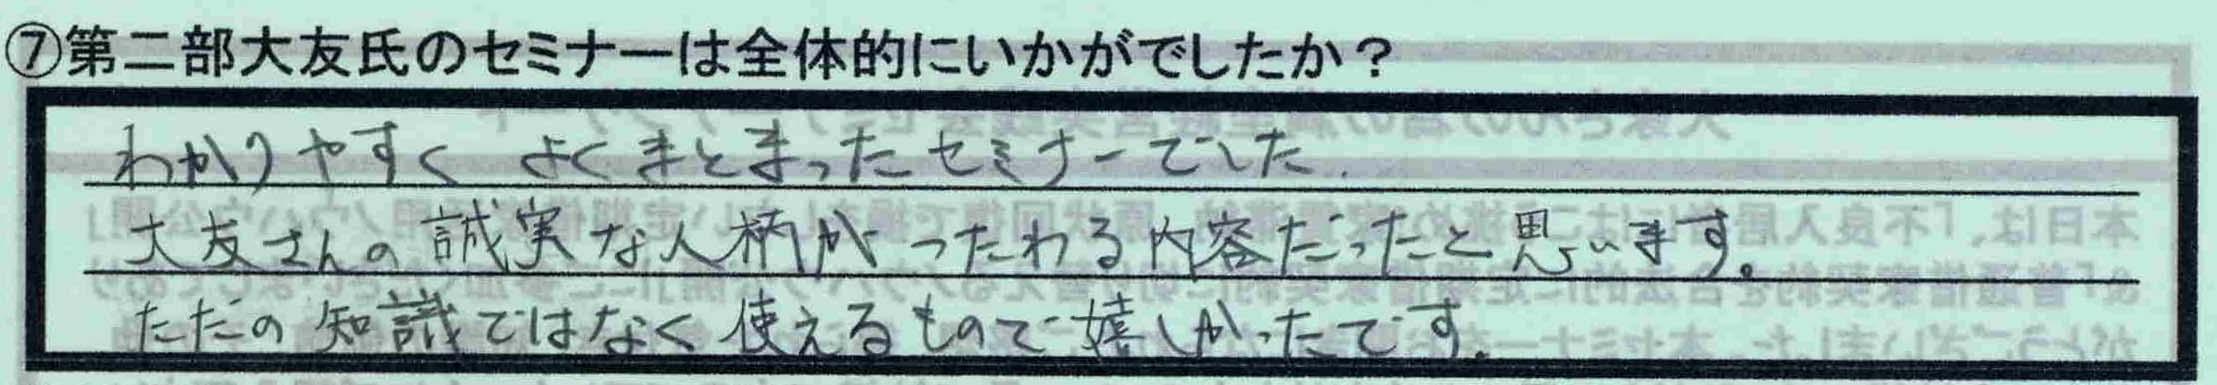 【東京都江戸川区】【福田智匡さん】【二部感想】